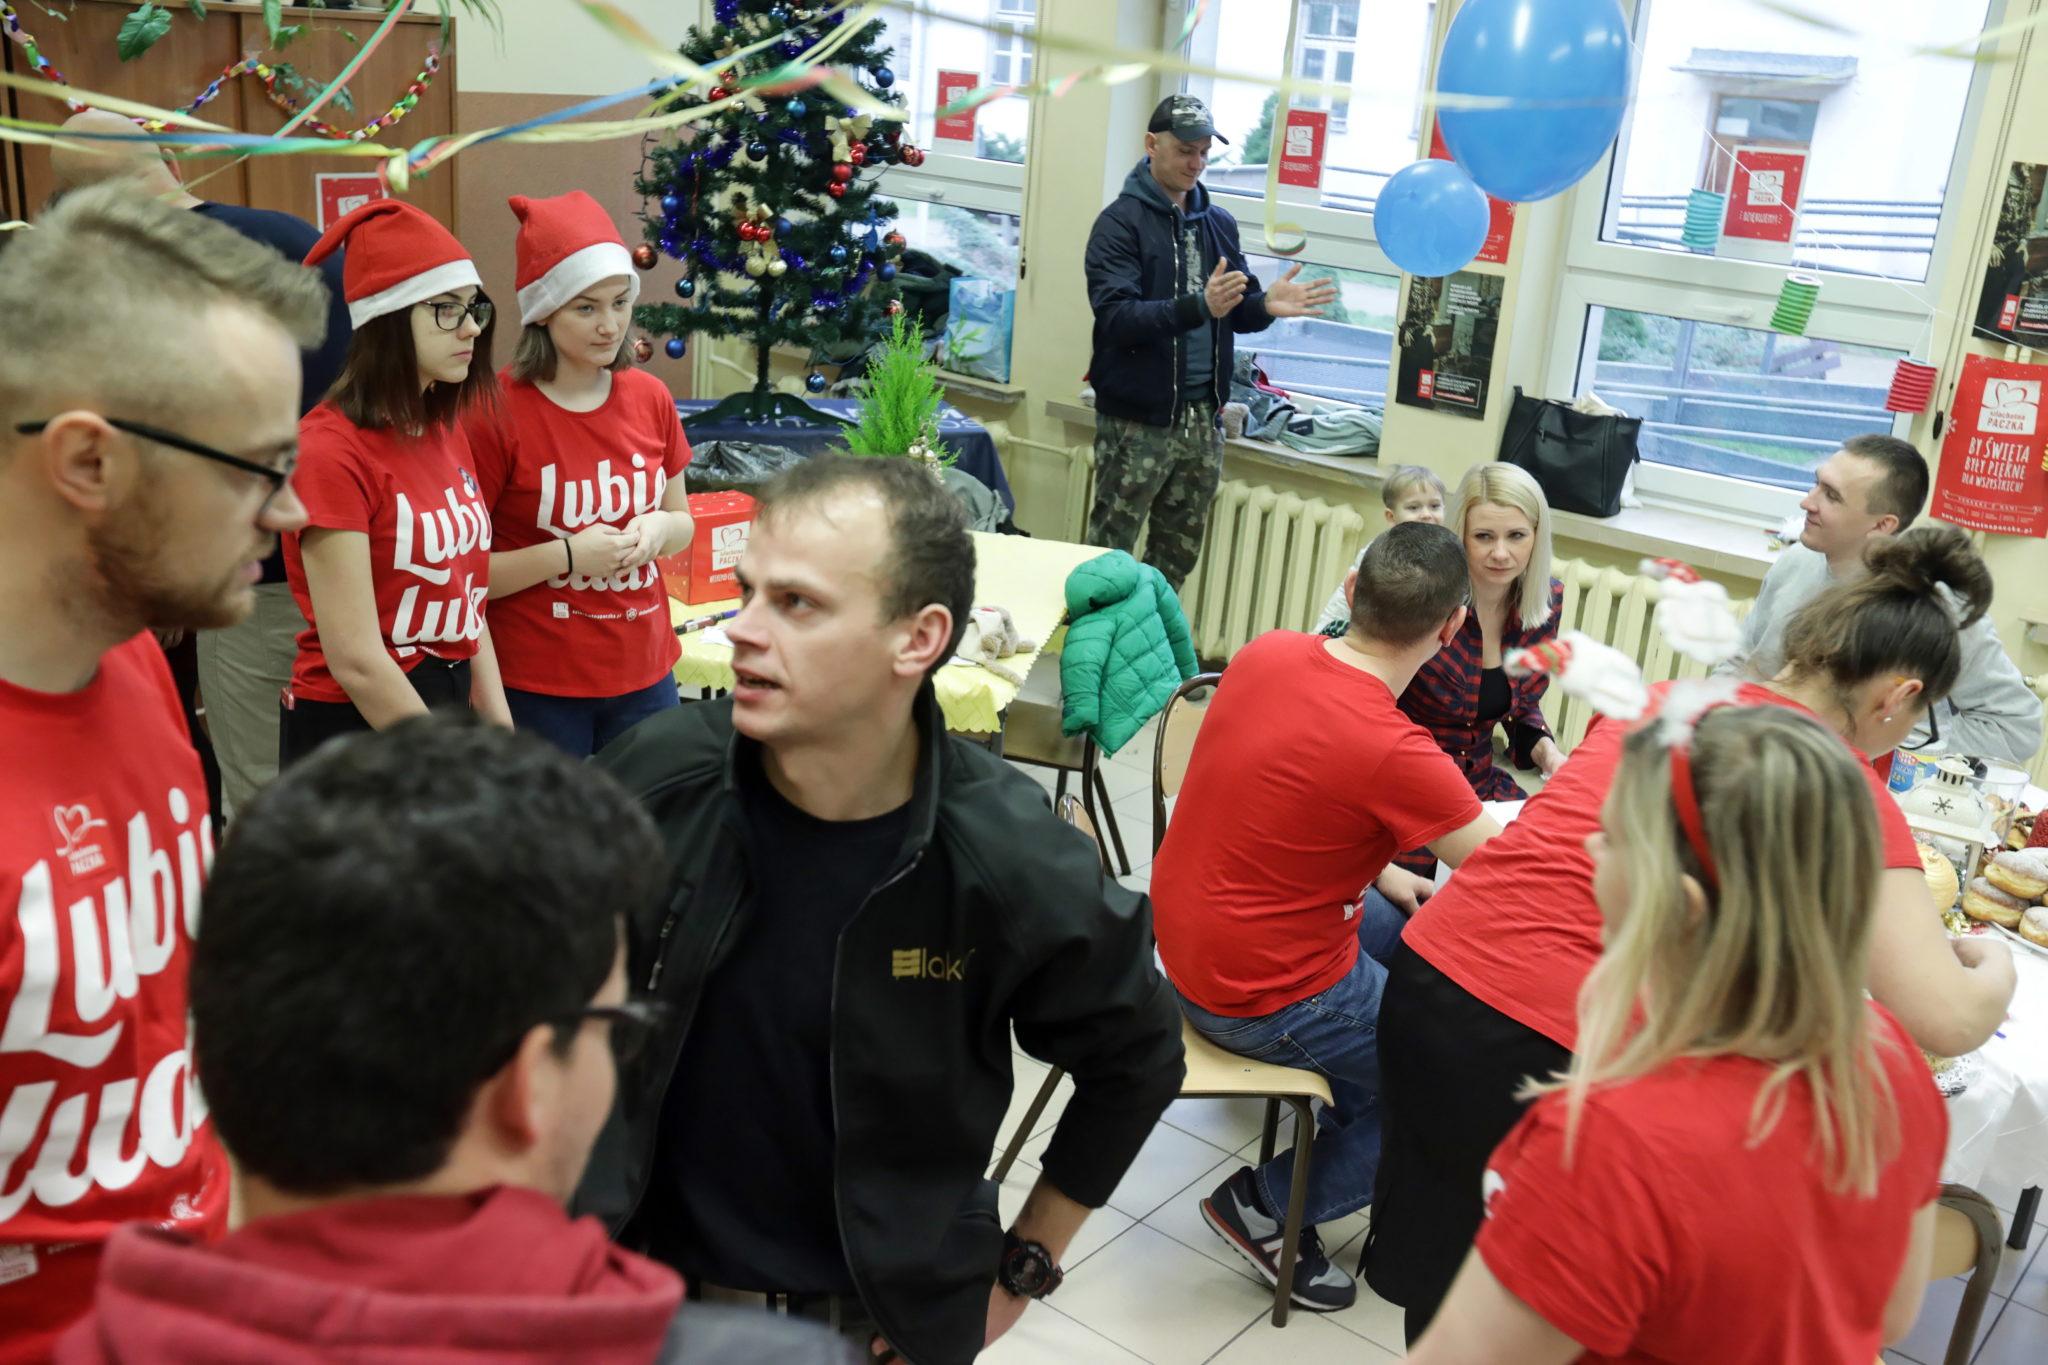 Podczas tego weekendu darczyńcy dostarczyli dary dla potrzebujących, do magazynów w całej Polsce. Szlachetne paczki trafią do 14,5 tysiąca rodzin, fot. PAP/Artur Reszko